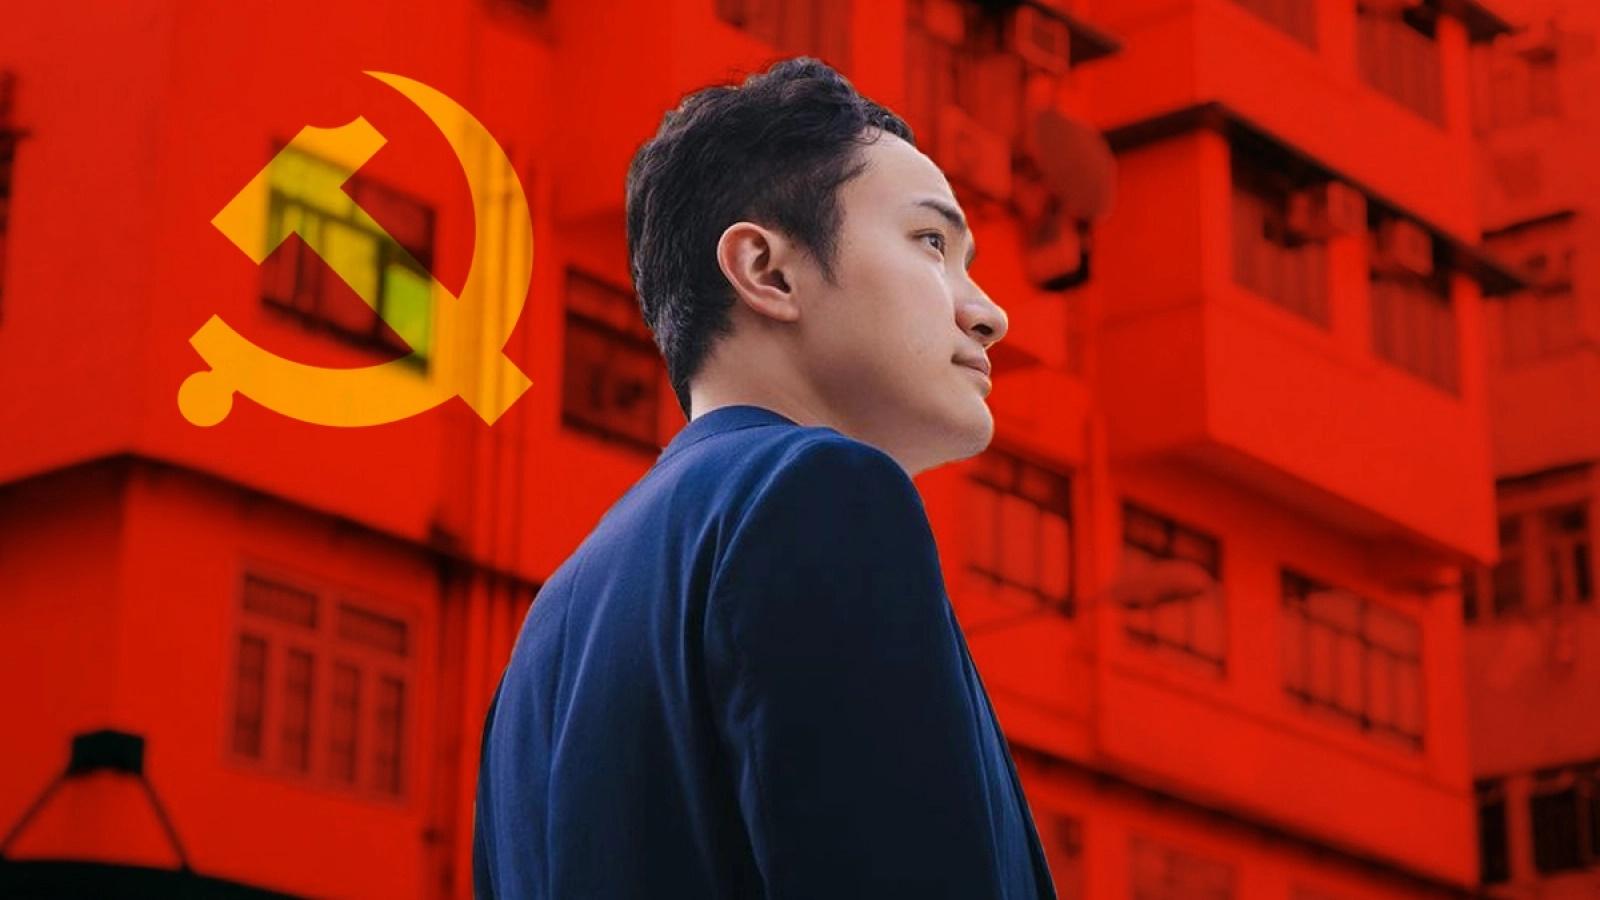 جاستین - همکاری جاستین سان با تیم تحقیقاتی مدرسه حزب مرکزی چین؛ آیا او از دنیای تجارت خداحافظی می کند؟